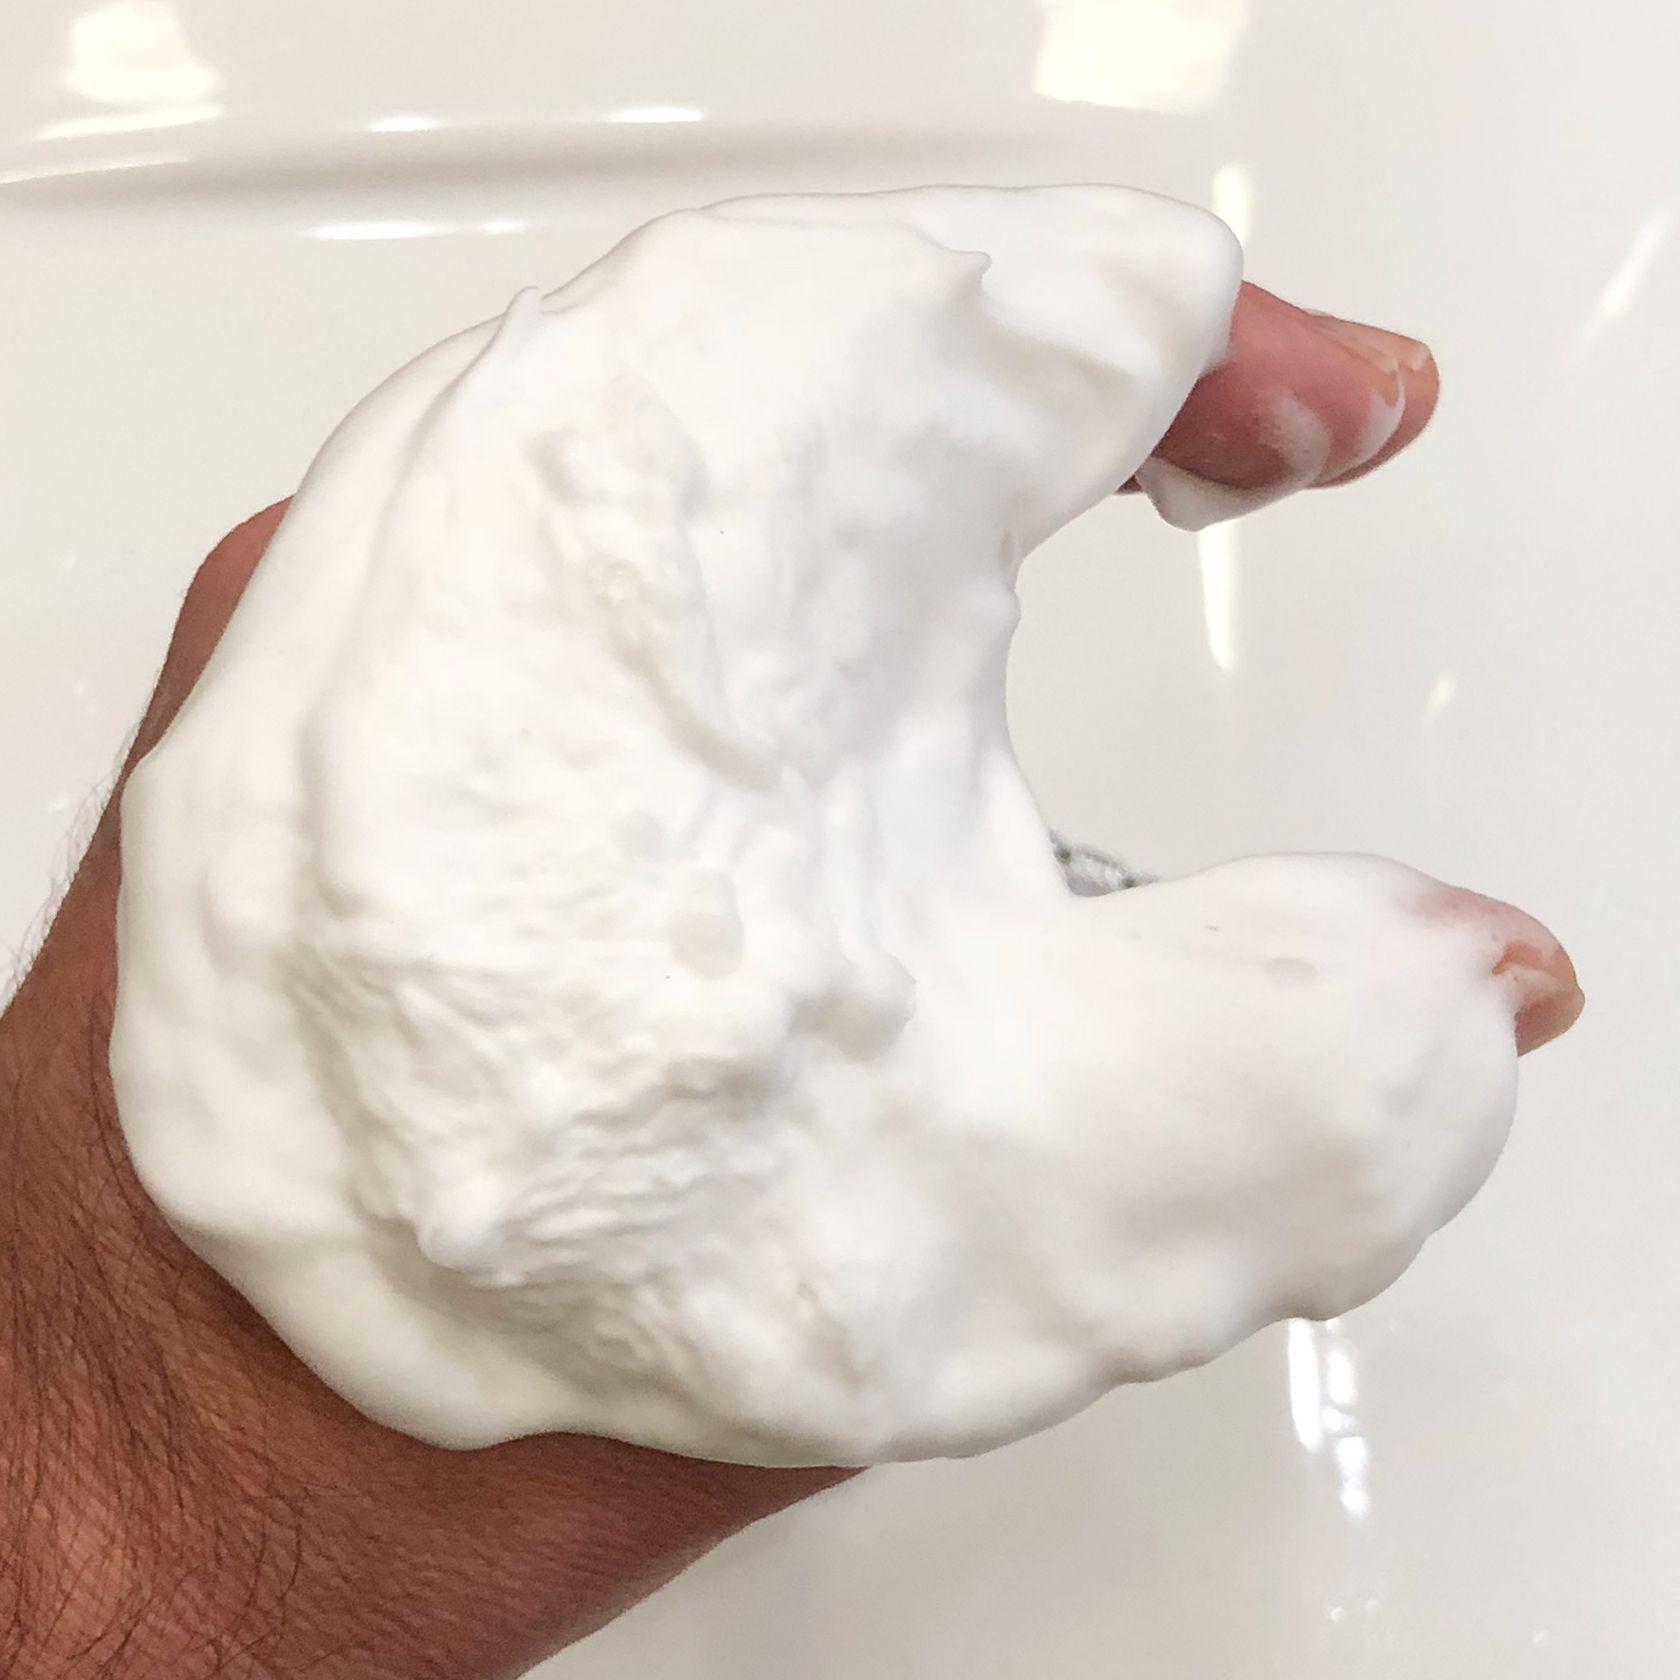 Wyrabianie piany z kremu do golenia Saponificio Bignoli Agrumi del Mediterraneo Shaving Cream – piana wyciśnięta z pędzla na trzecie przejście (użyte 1 g kremu)